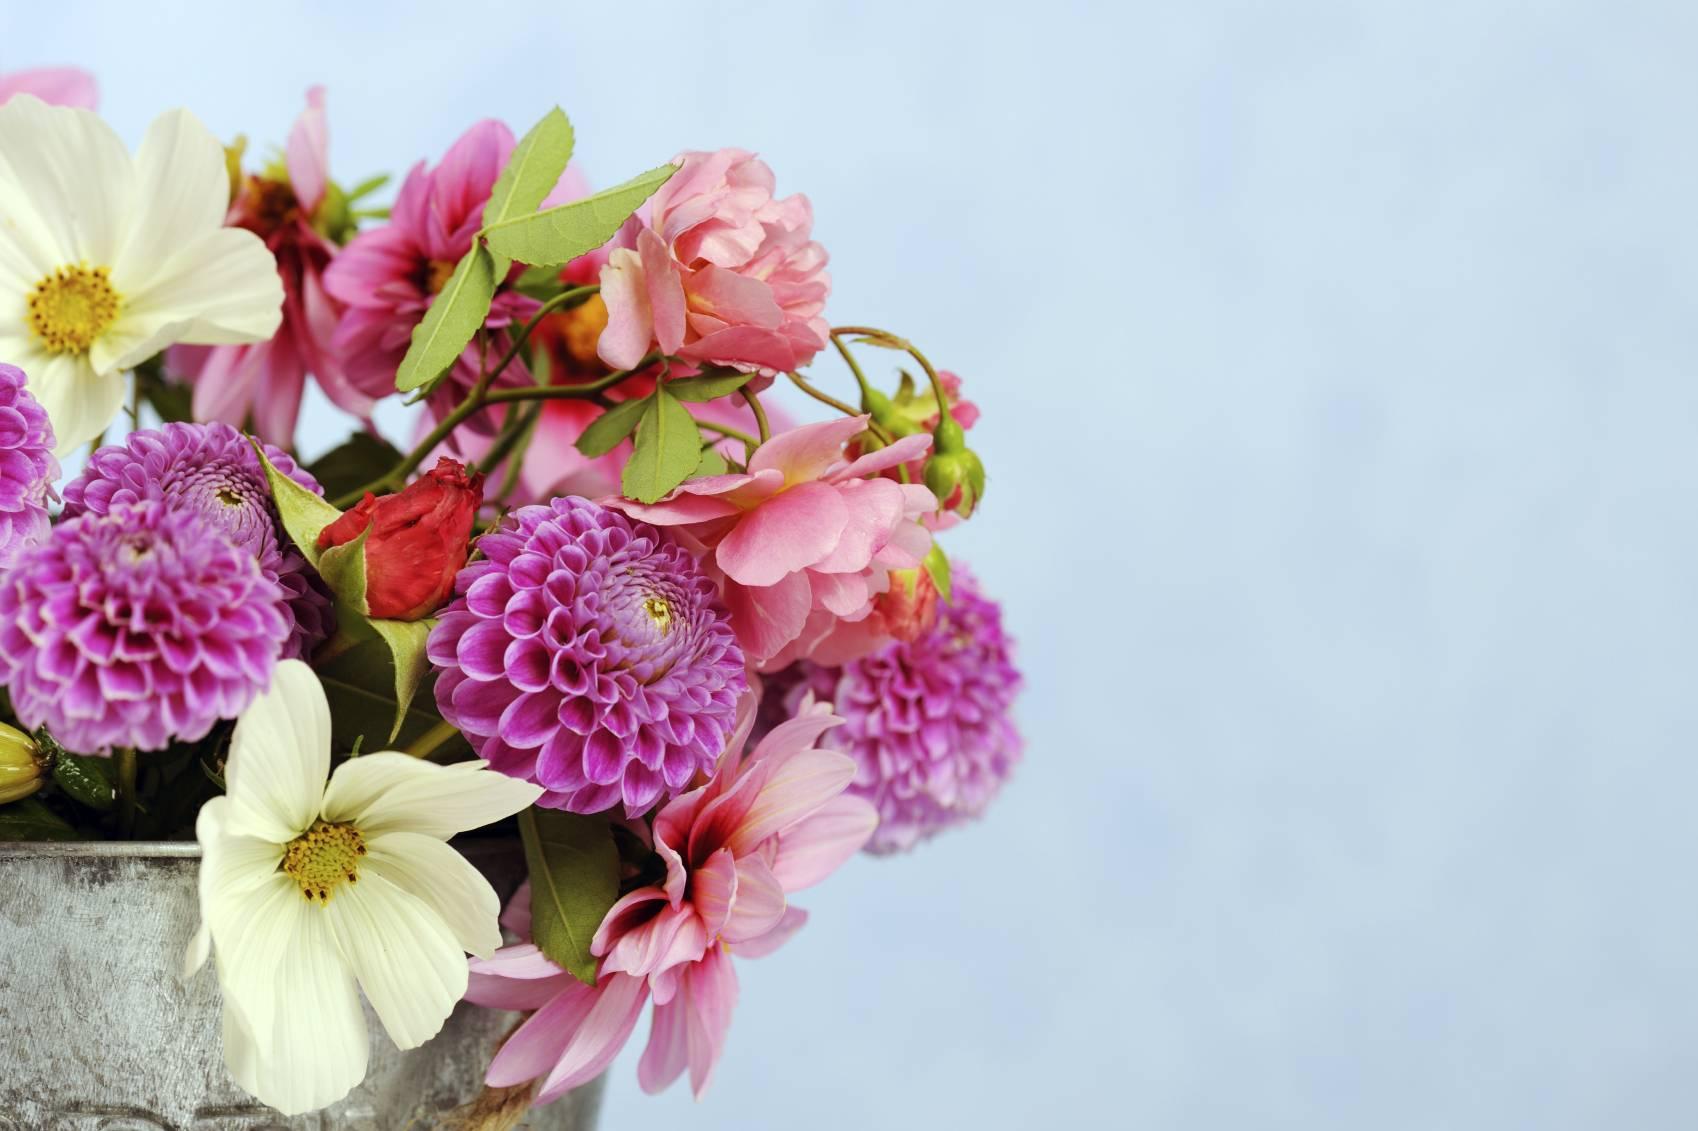 planter des fleurs au printemps pour des bouquets toute l 39 ann e. Black Bedroom Furniture Sets. Home Design Ideas